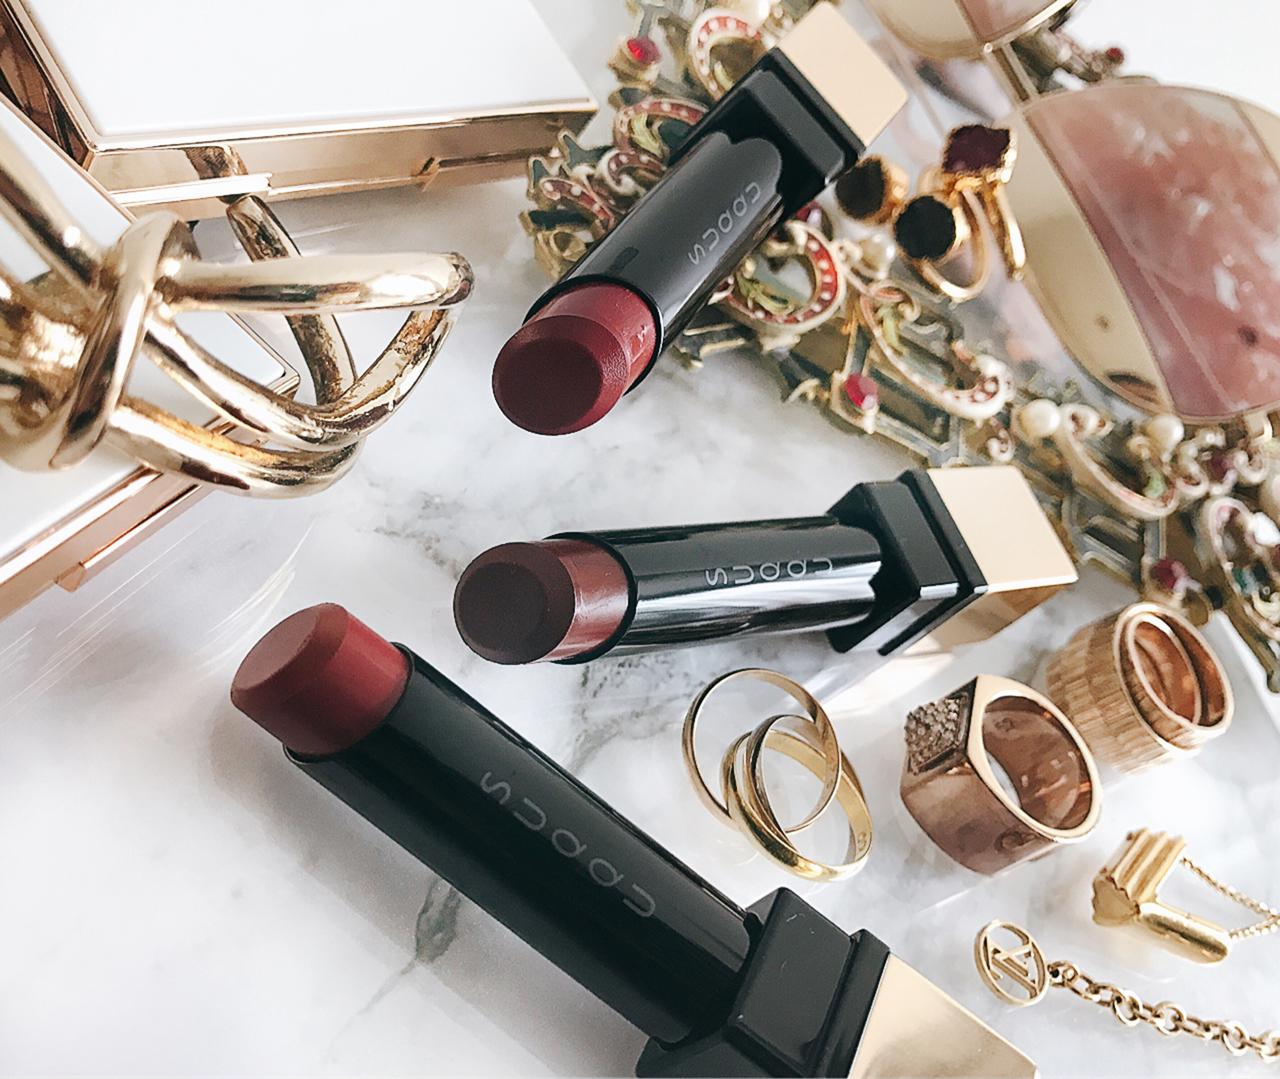 SUQQU Extra Glow Lipsticks for Christmas 2017